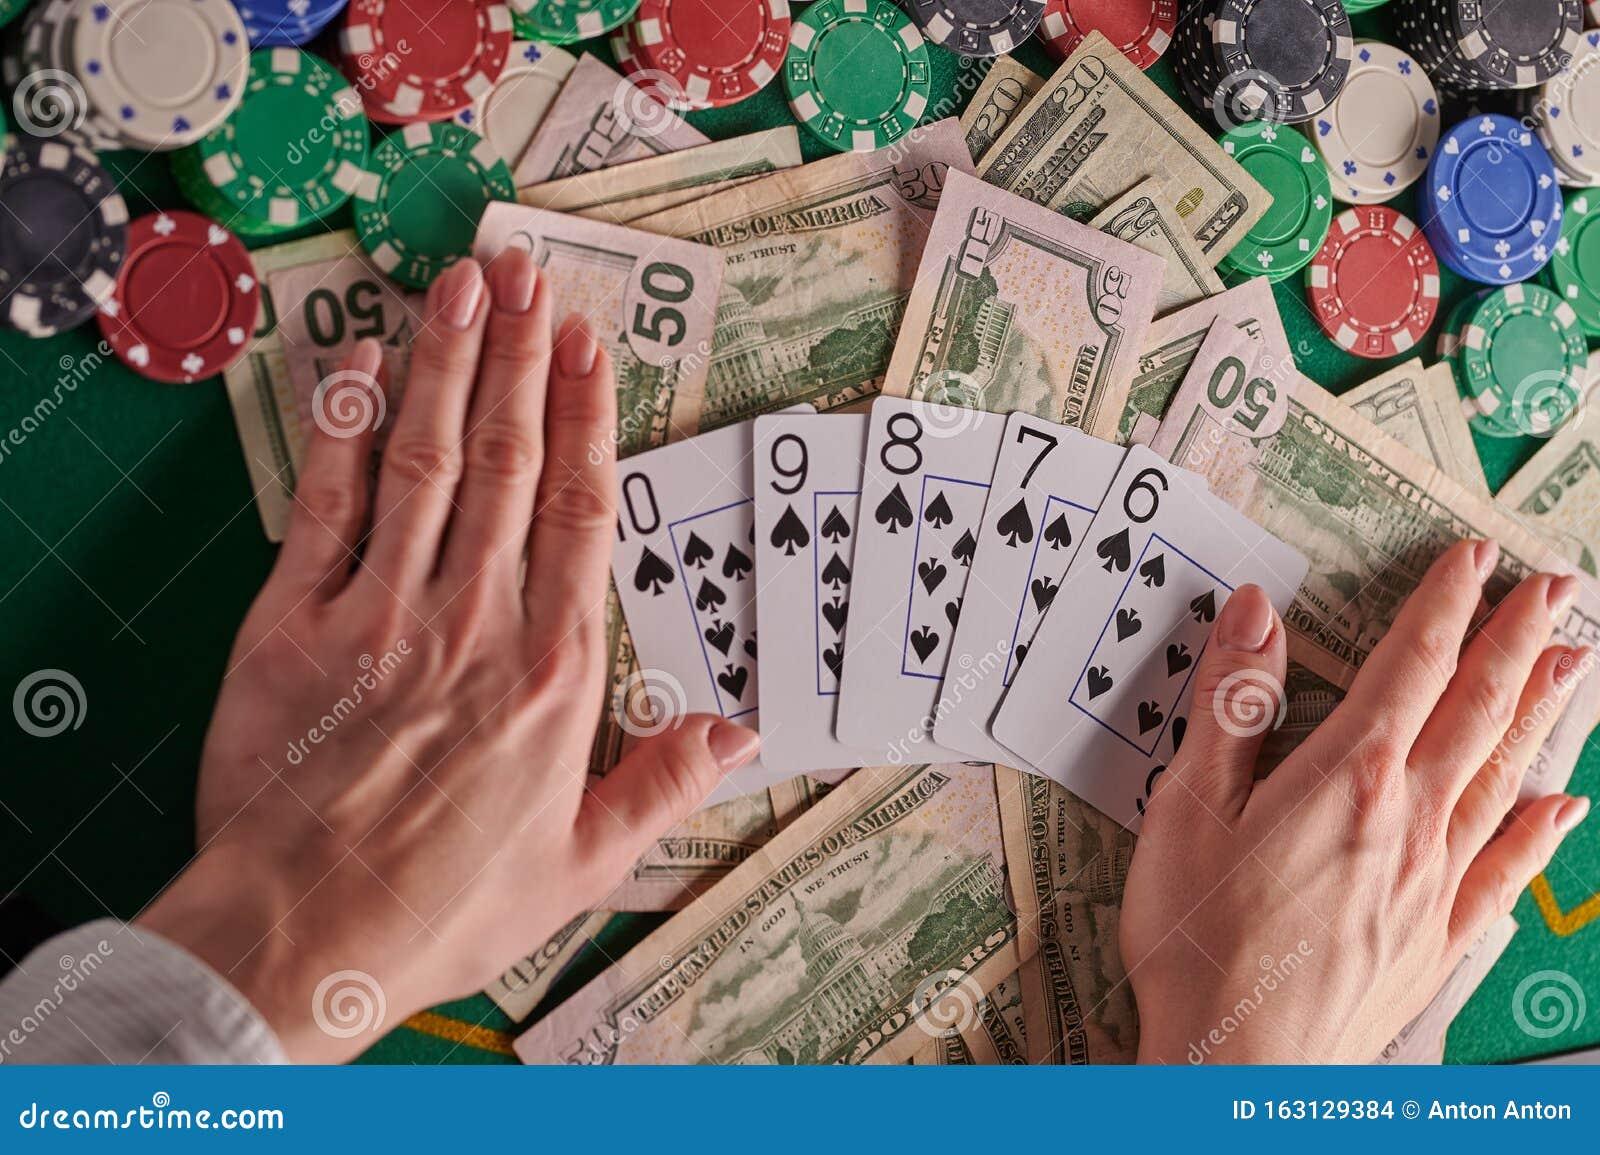 Покер казино на деньги русская рулетка за деньги